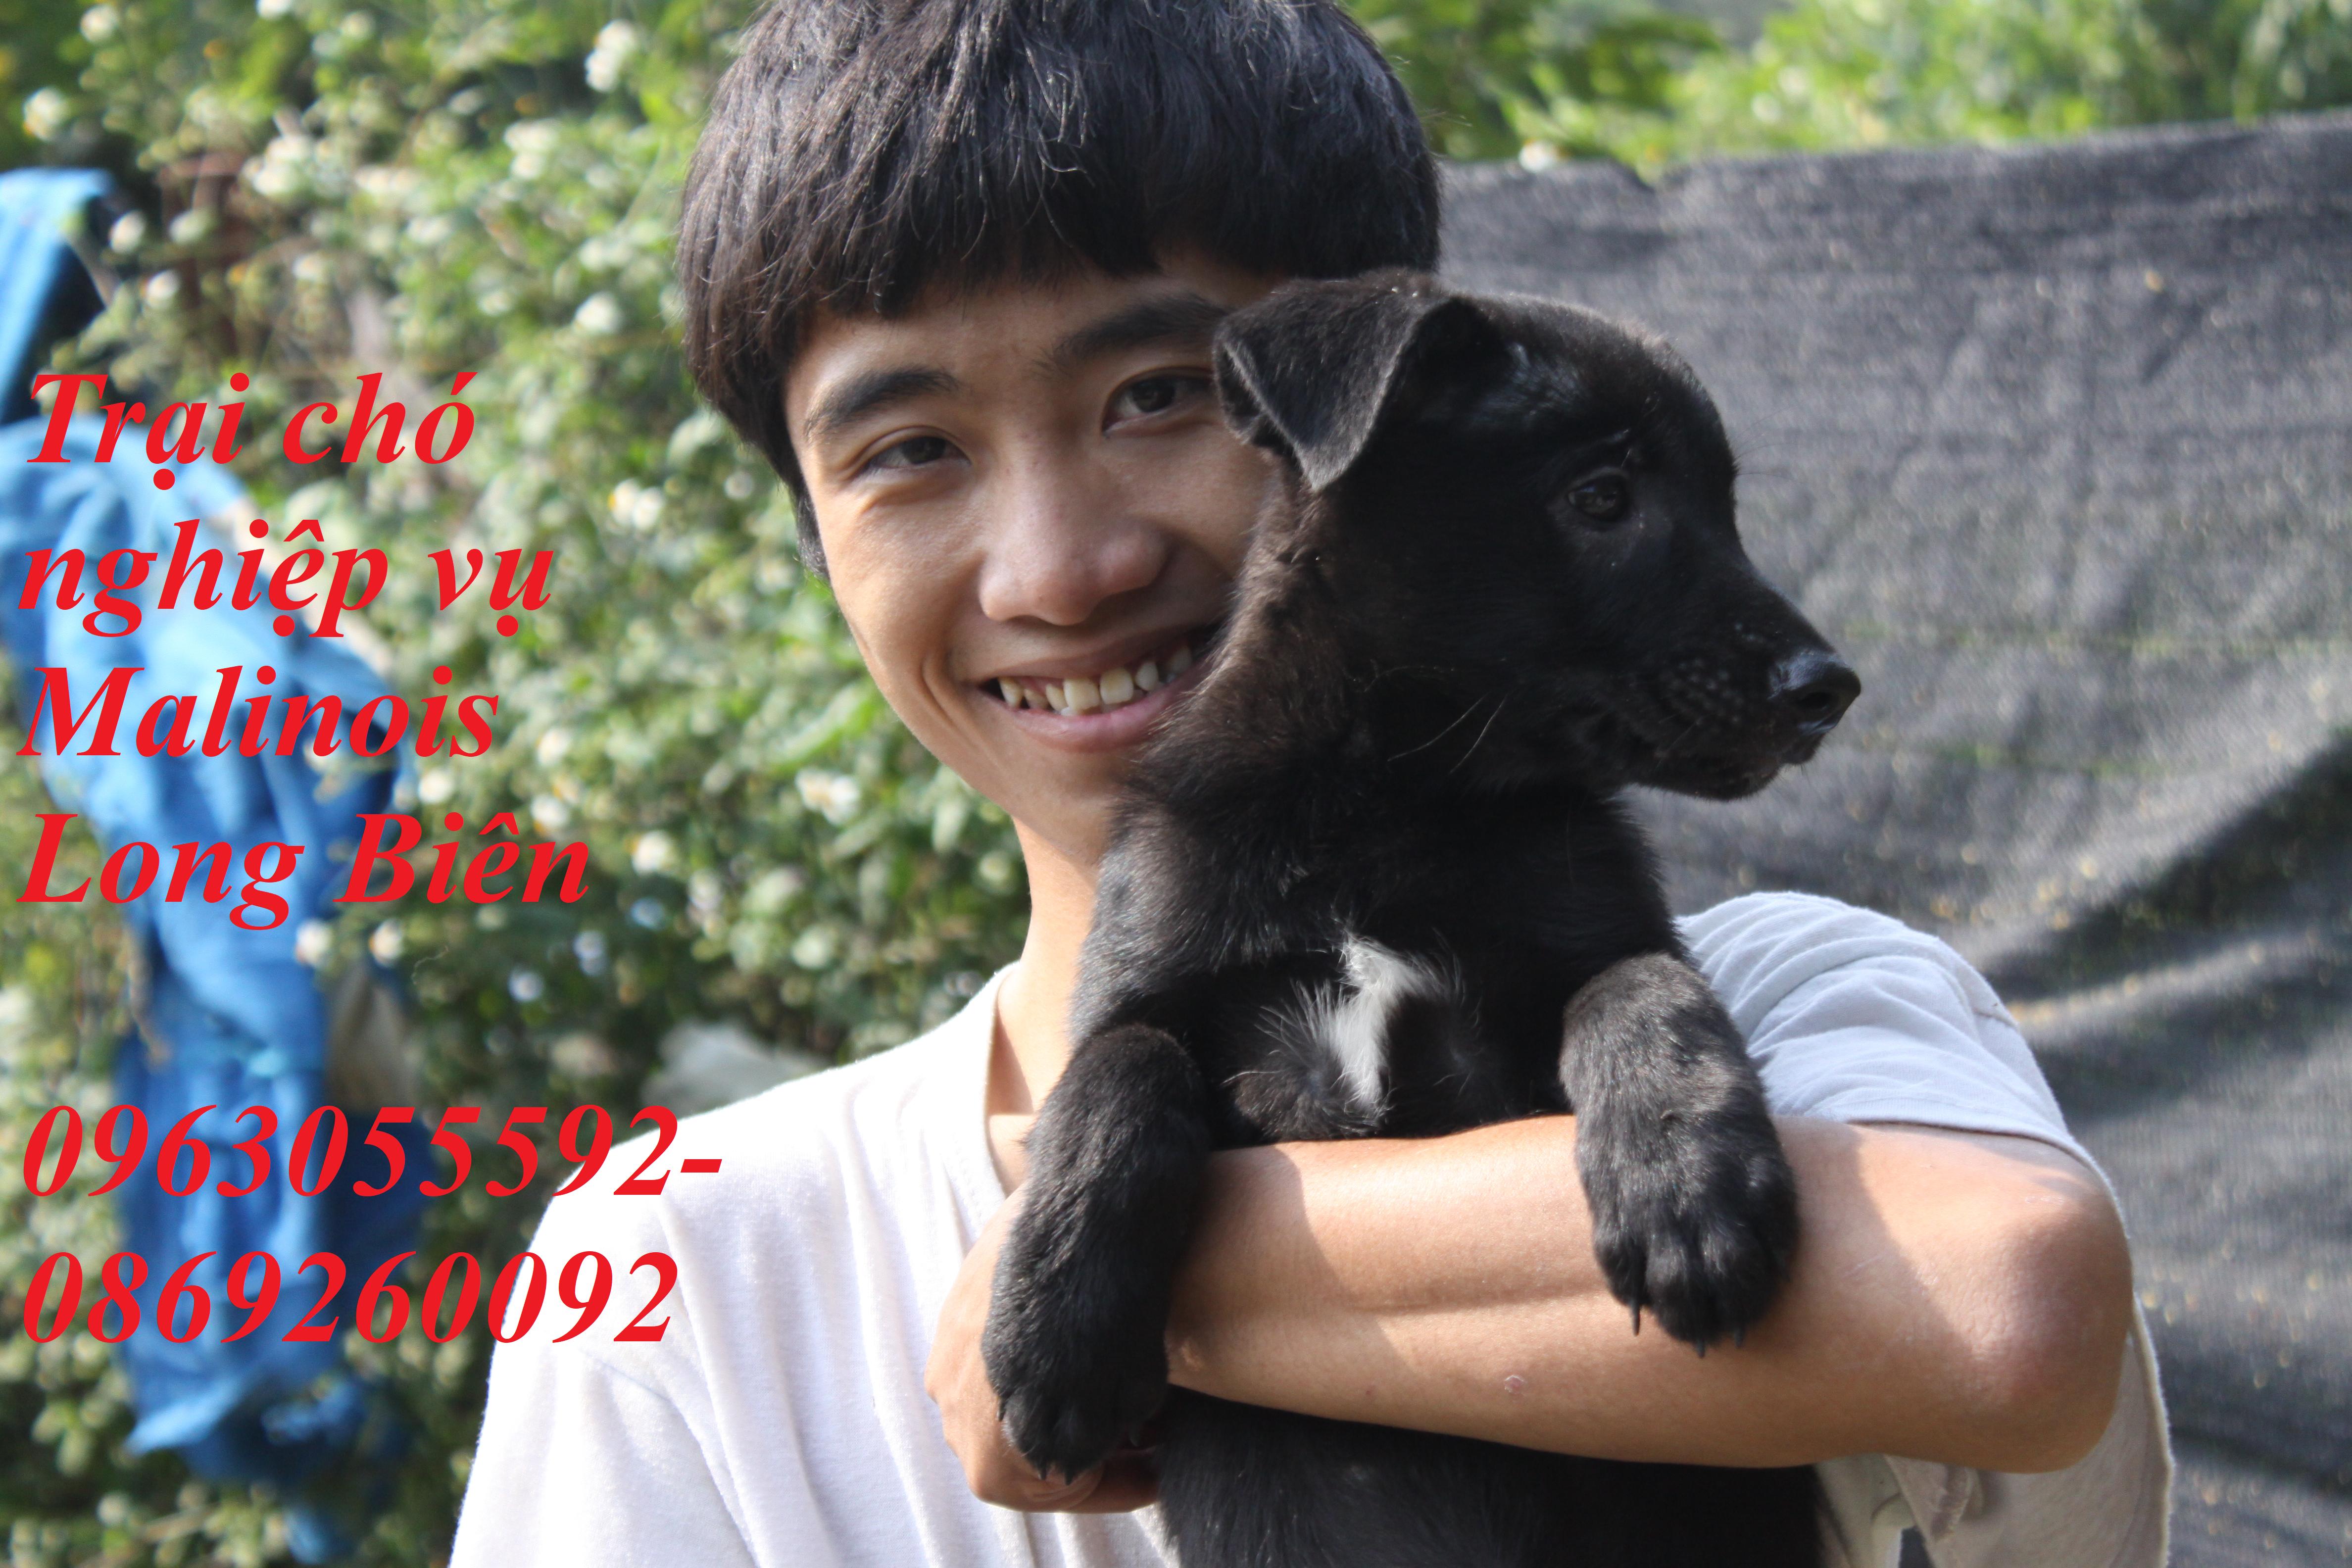 Chó con Malinois tại trại chó malinois Long Biên